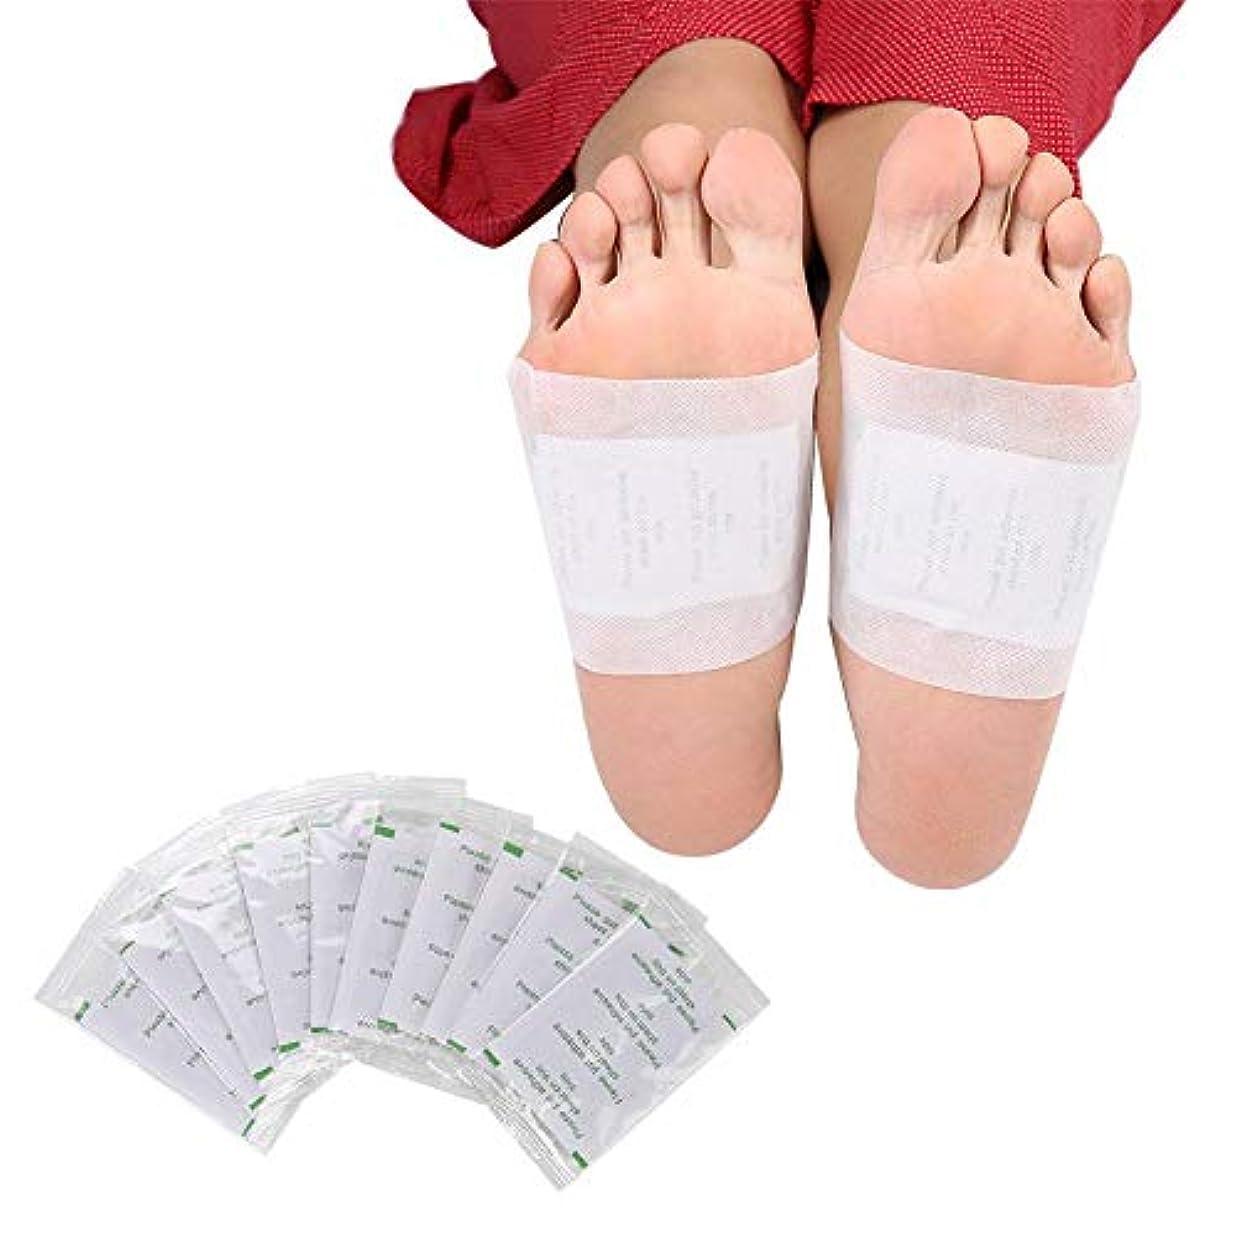 電話をかける機会写真を描くボディデトックスフットパッチ、女性と男性の看護の足に最適なヘルスケアフット接着パッド除去毒素ストレス回復